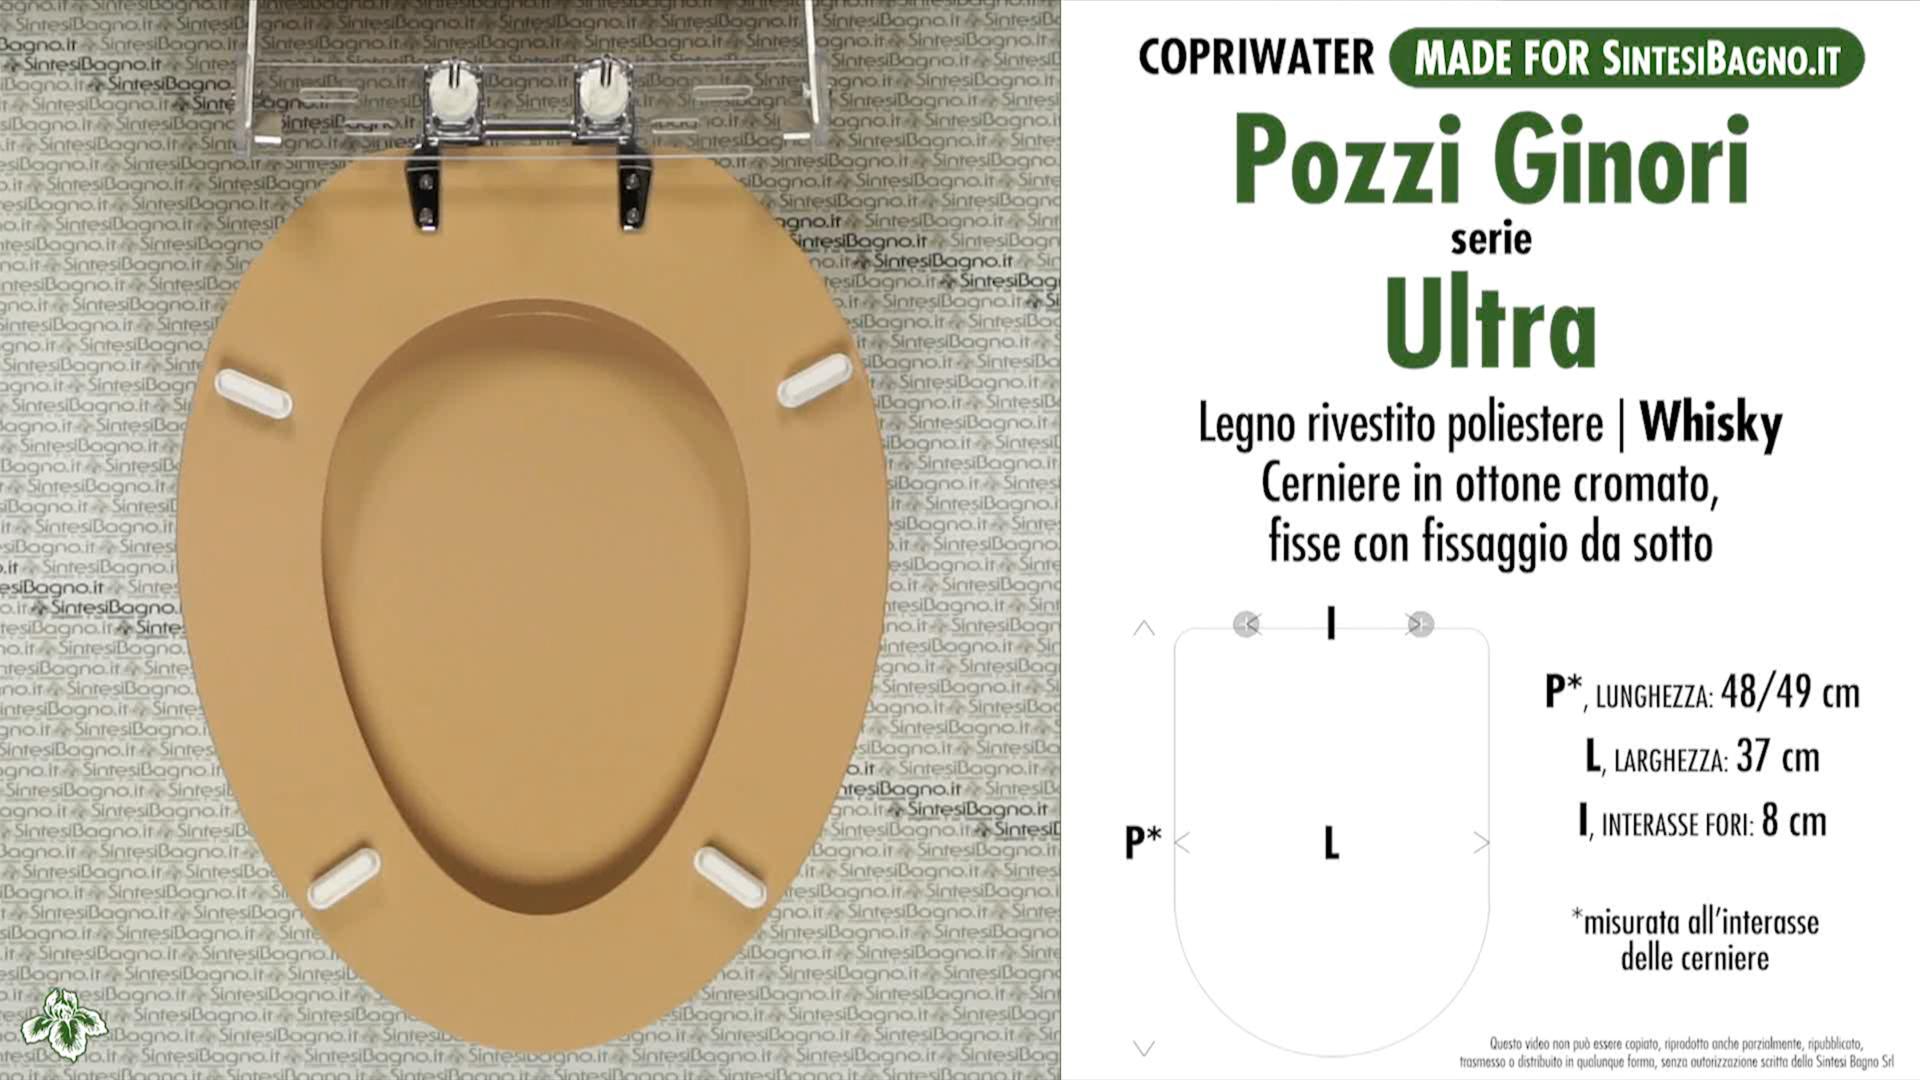 Pozzi Ginori Sedile Wc.Copriwater Per Wc Ultra Pozzi Ginori Whisky Ricambio Dedicato Sintesibagno Shop Online